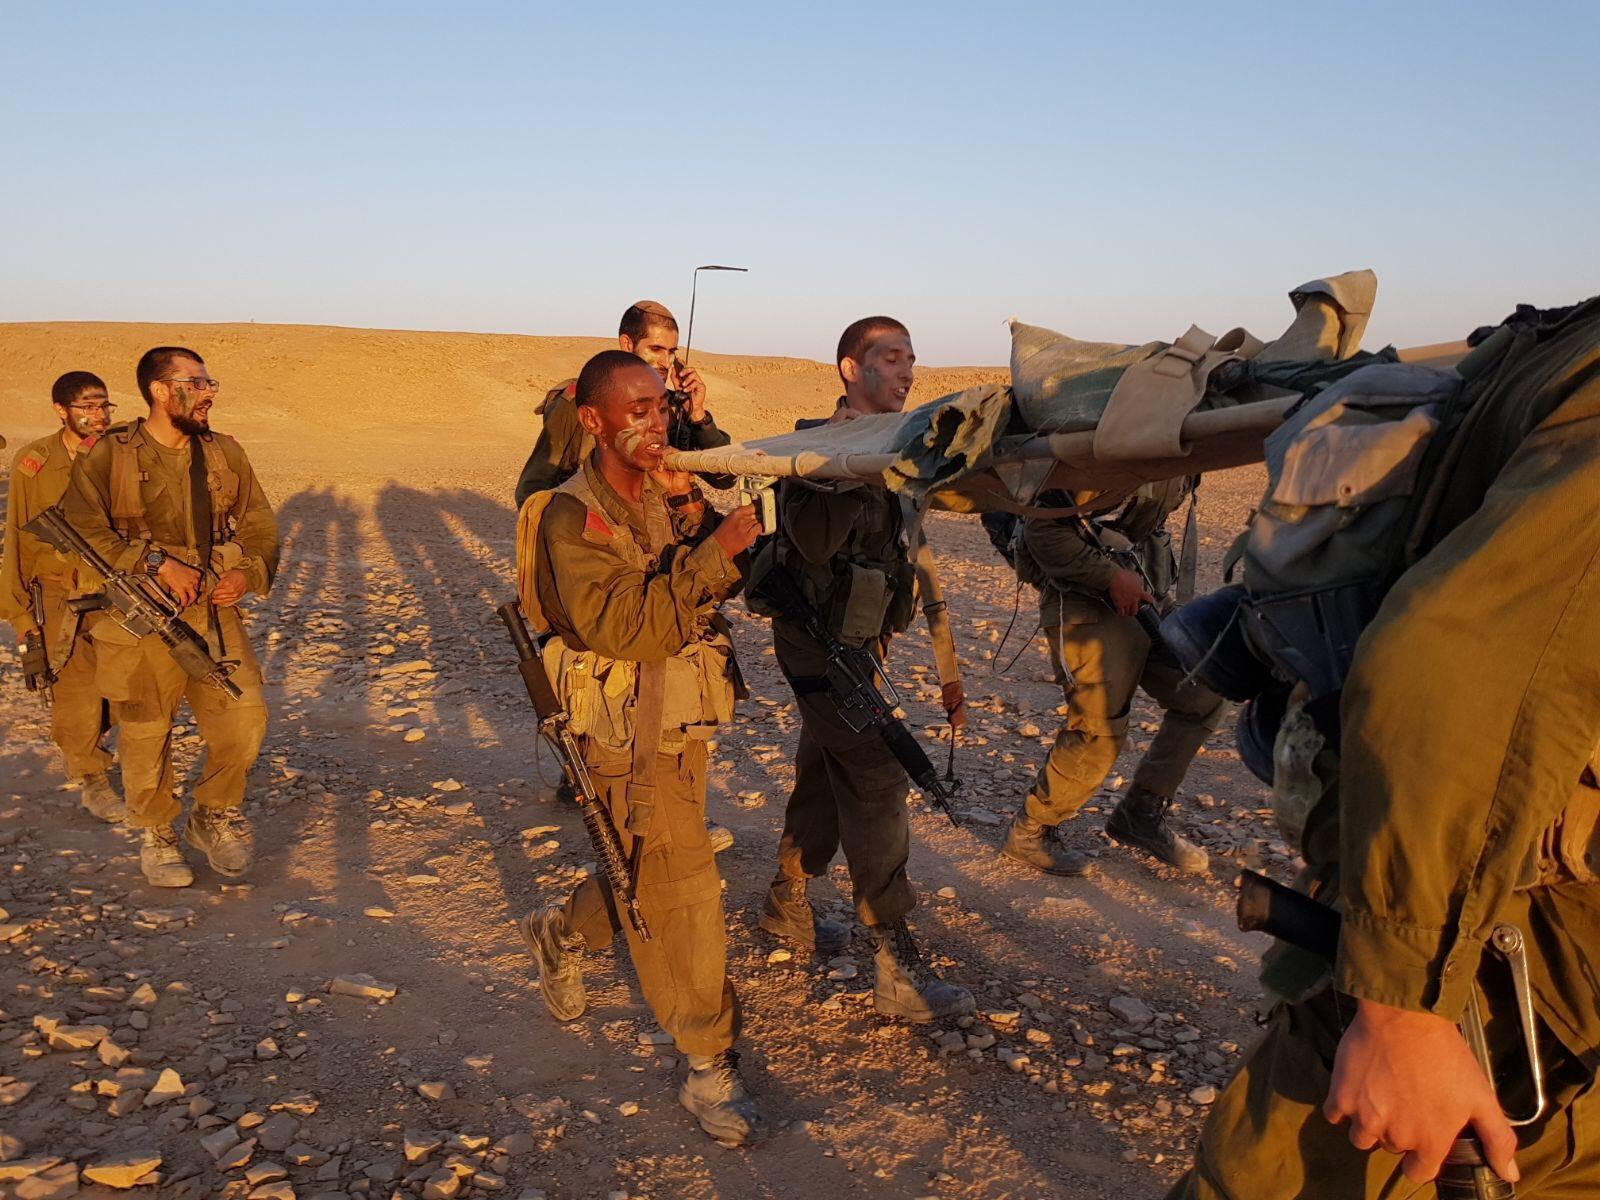 אוריאל ושמעון בוגרי מחזור ו' בסיום מסע כומתה בשריון אוק' 17 (2)